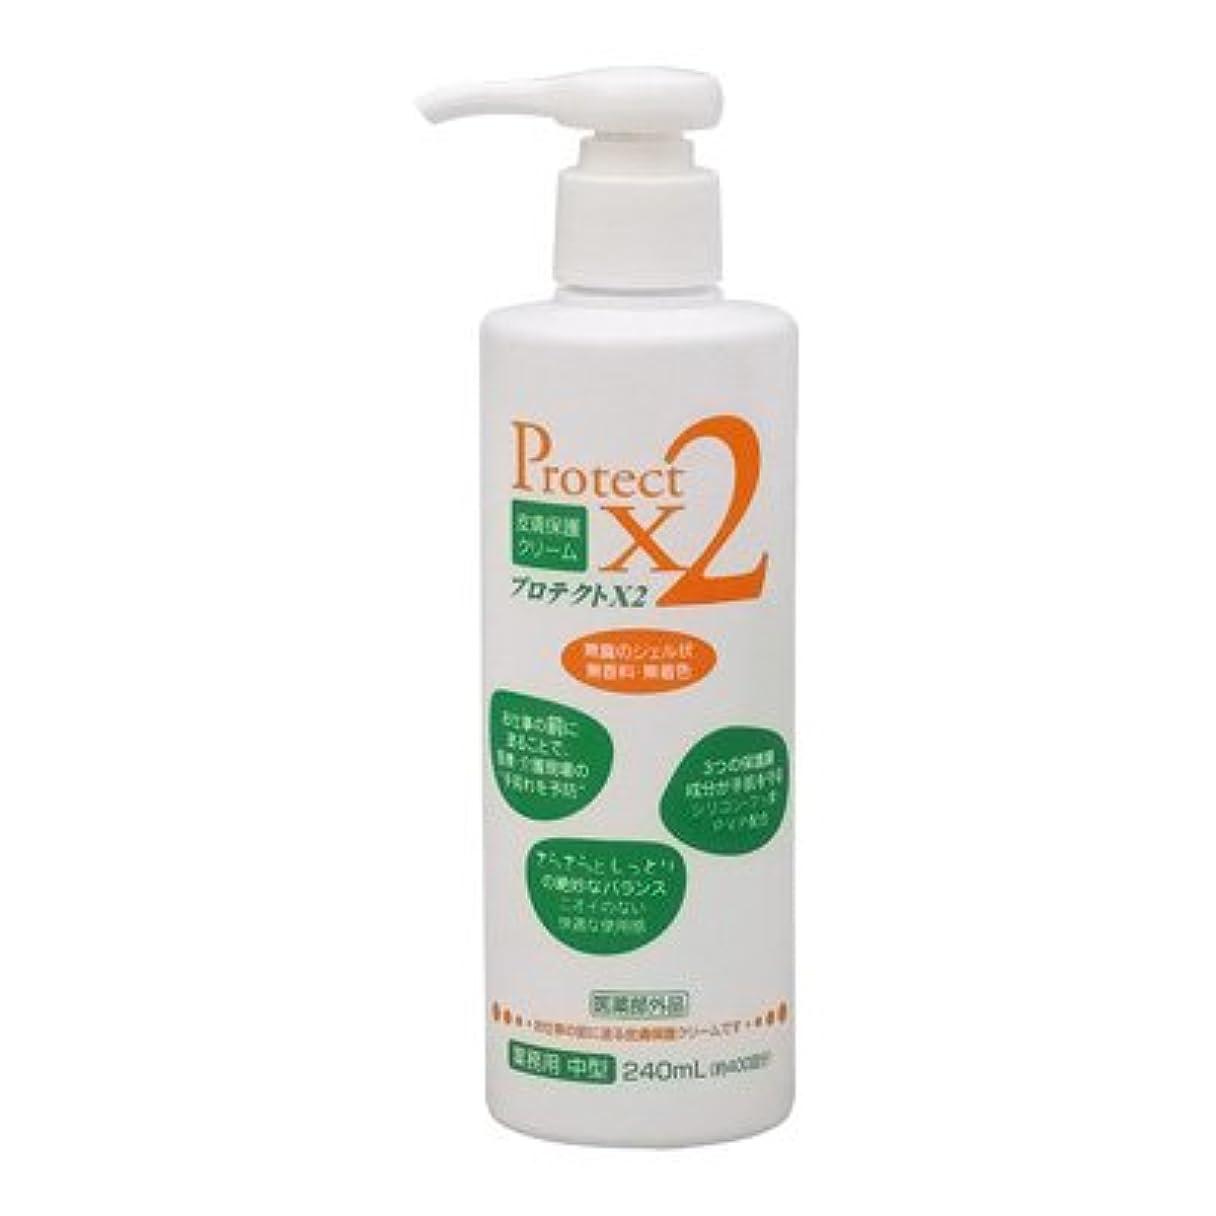 皮膚保護クリーム プロテクトX2 240ml(中型)